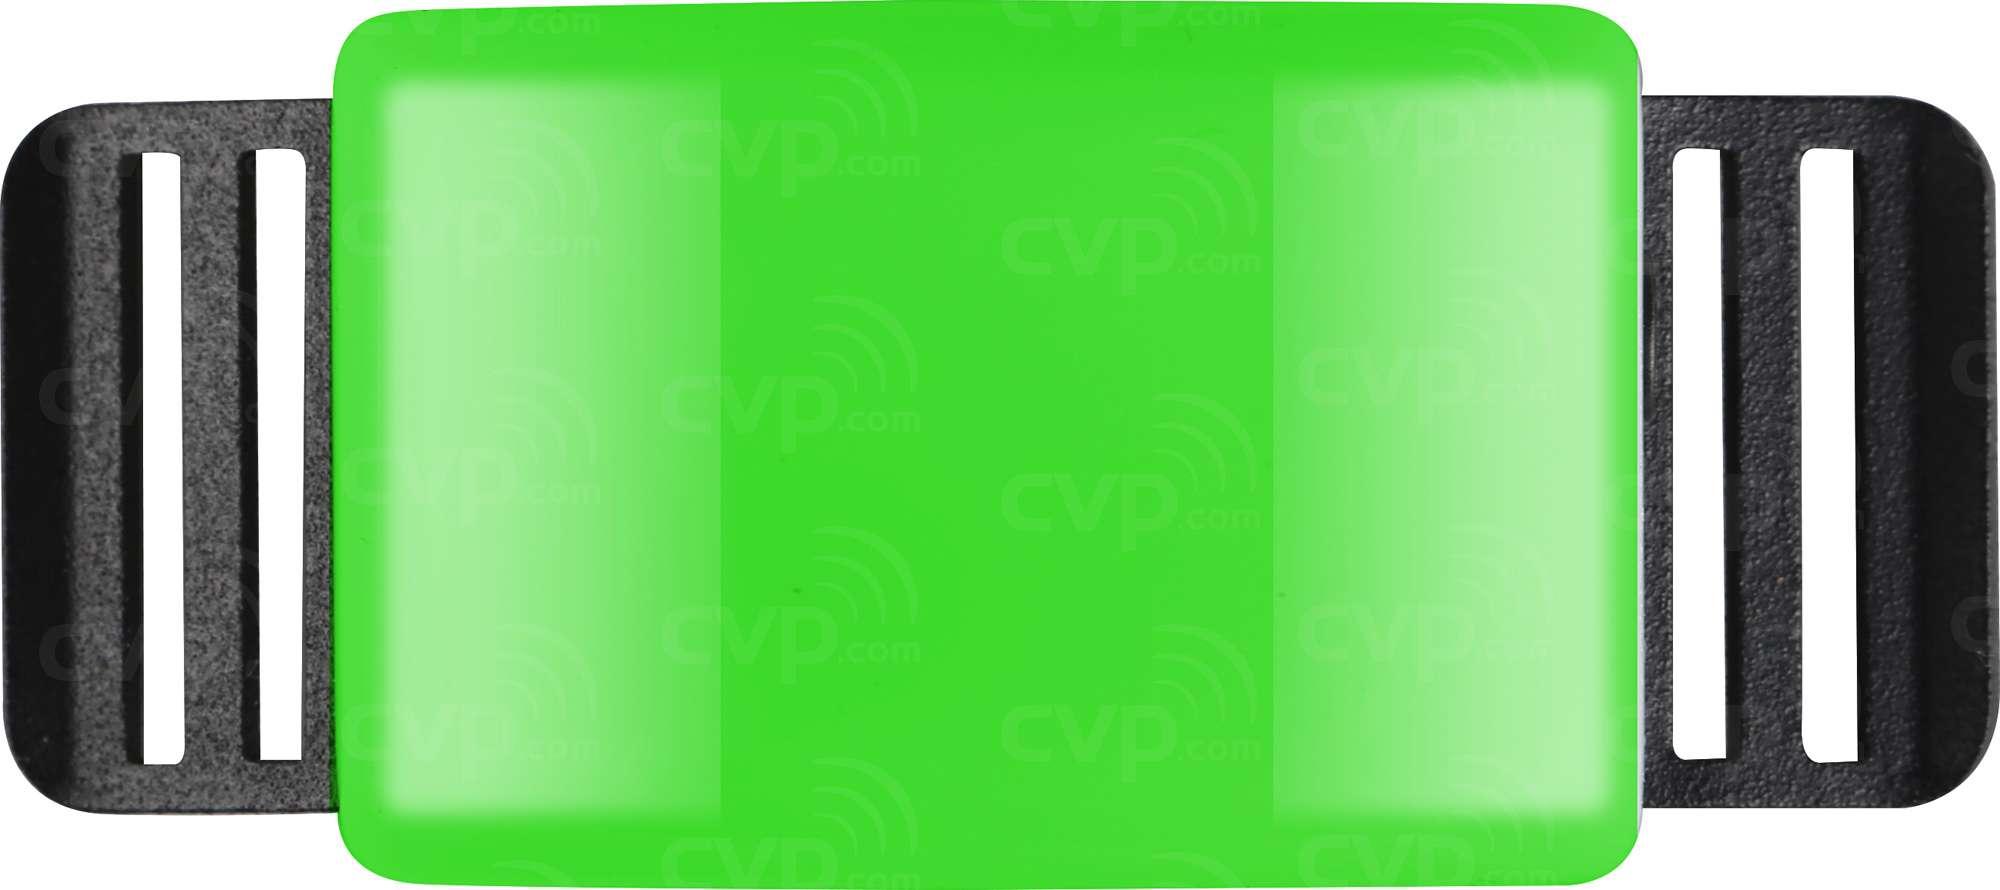 Datavideo DATA-TD3 (DATATD3) TD-3 Tally Light Bi colour (Red/Green) Set